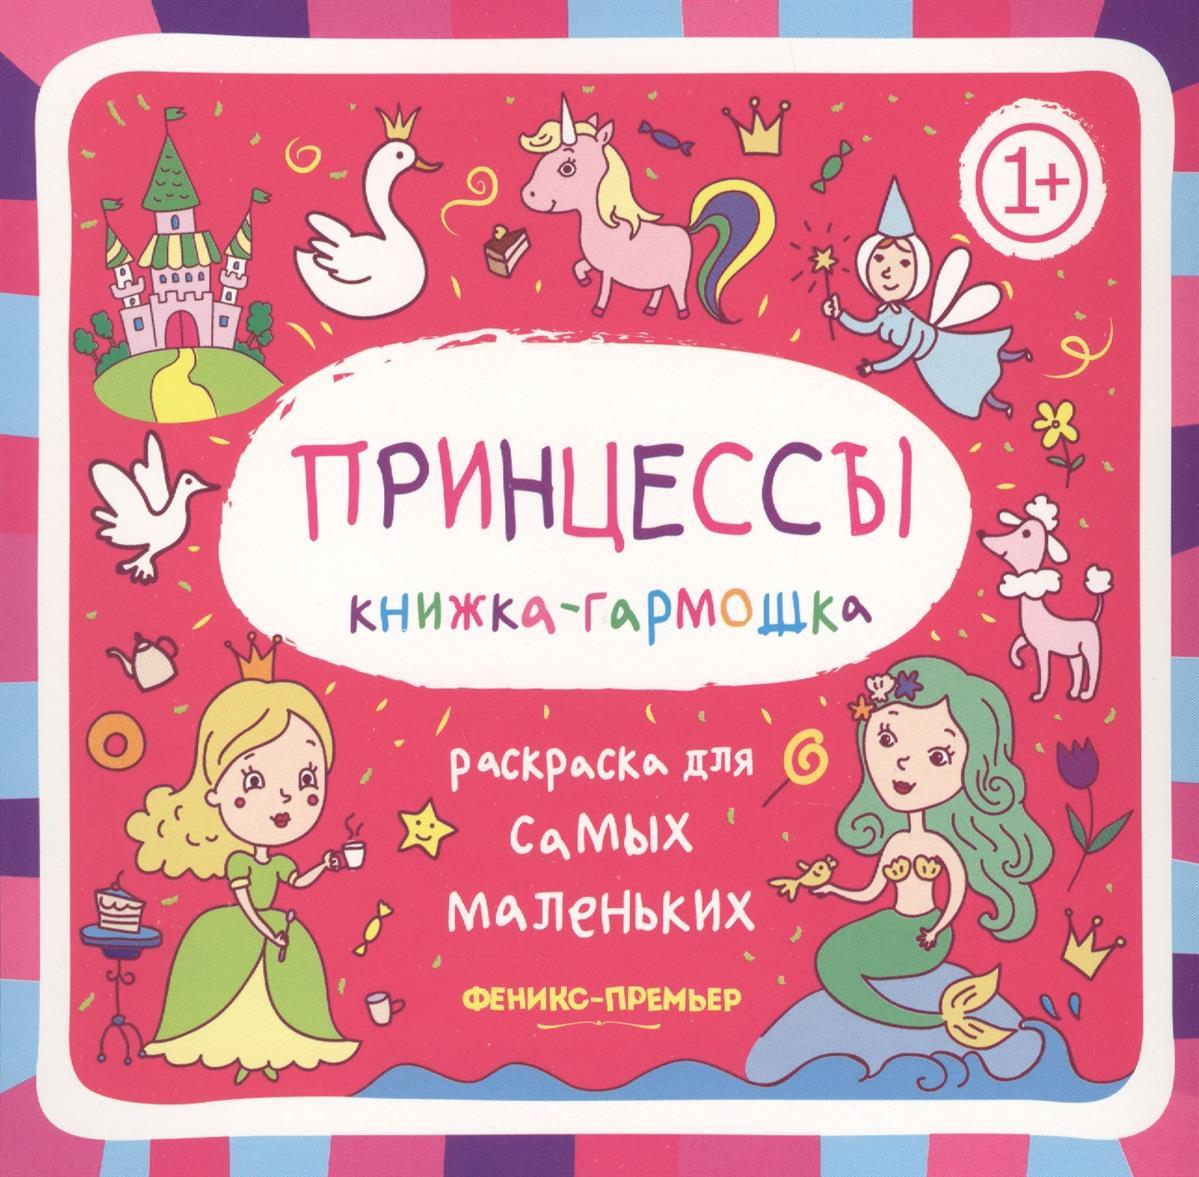 Костомарова Е. (отв.ред.) Раскраска для самых маленьких. Принцессы. Книжка-гарможка шилова е беби йога и массаж для самых маленьких